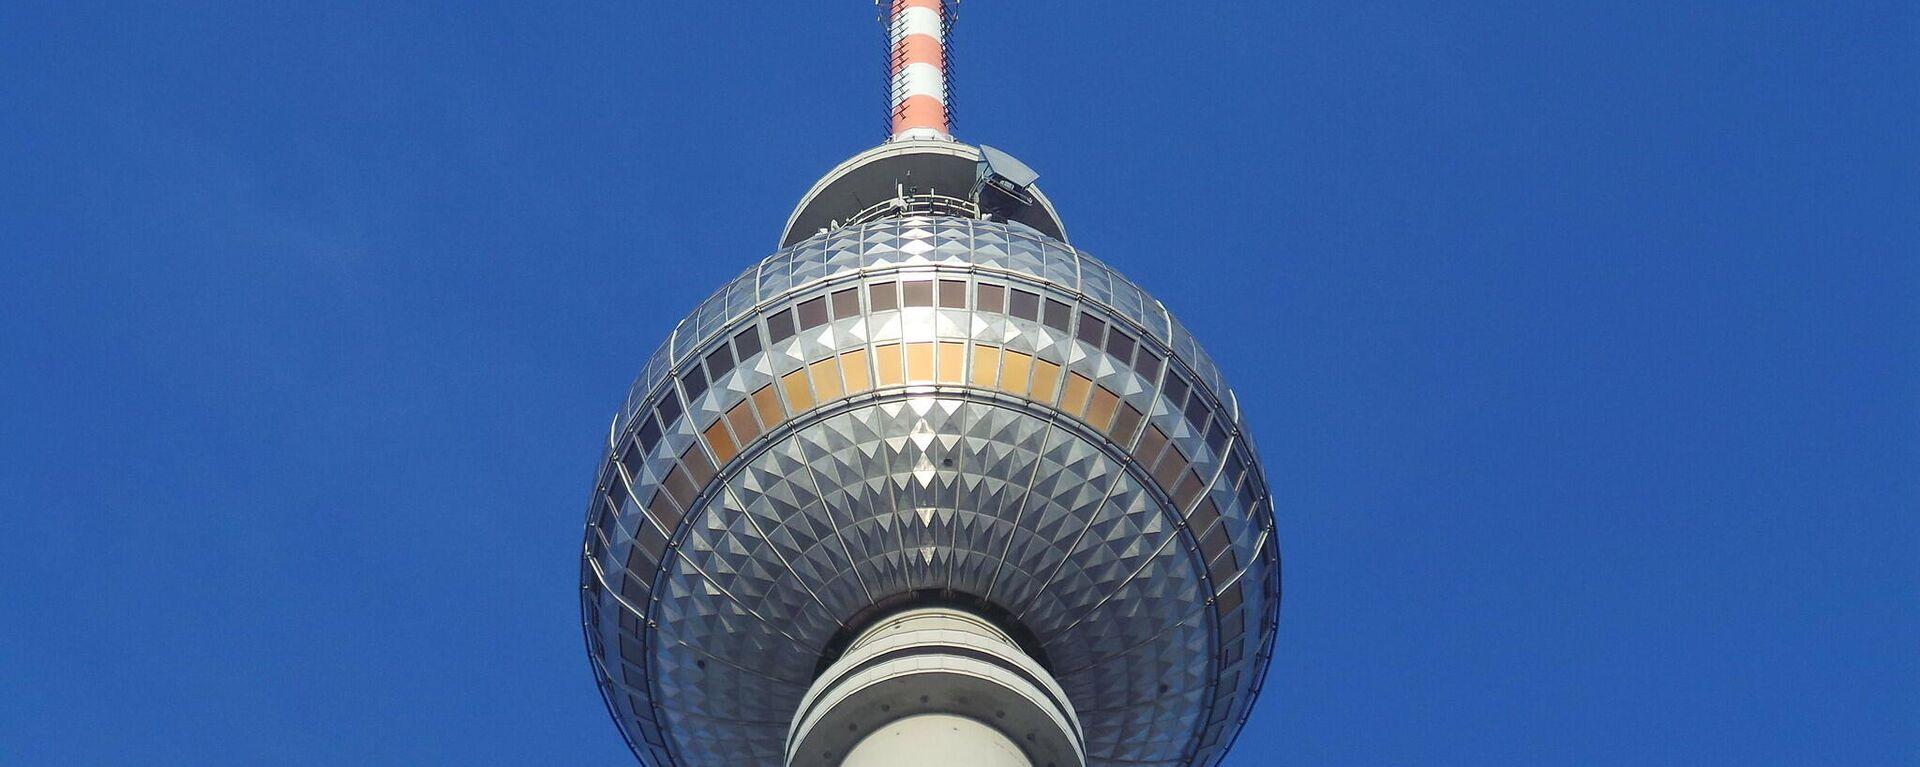 Fernsehturm Berlin (Archivbild) - SNA, 1920, 21.06.2021